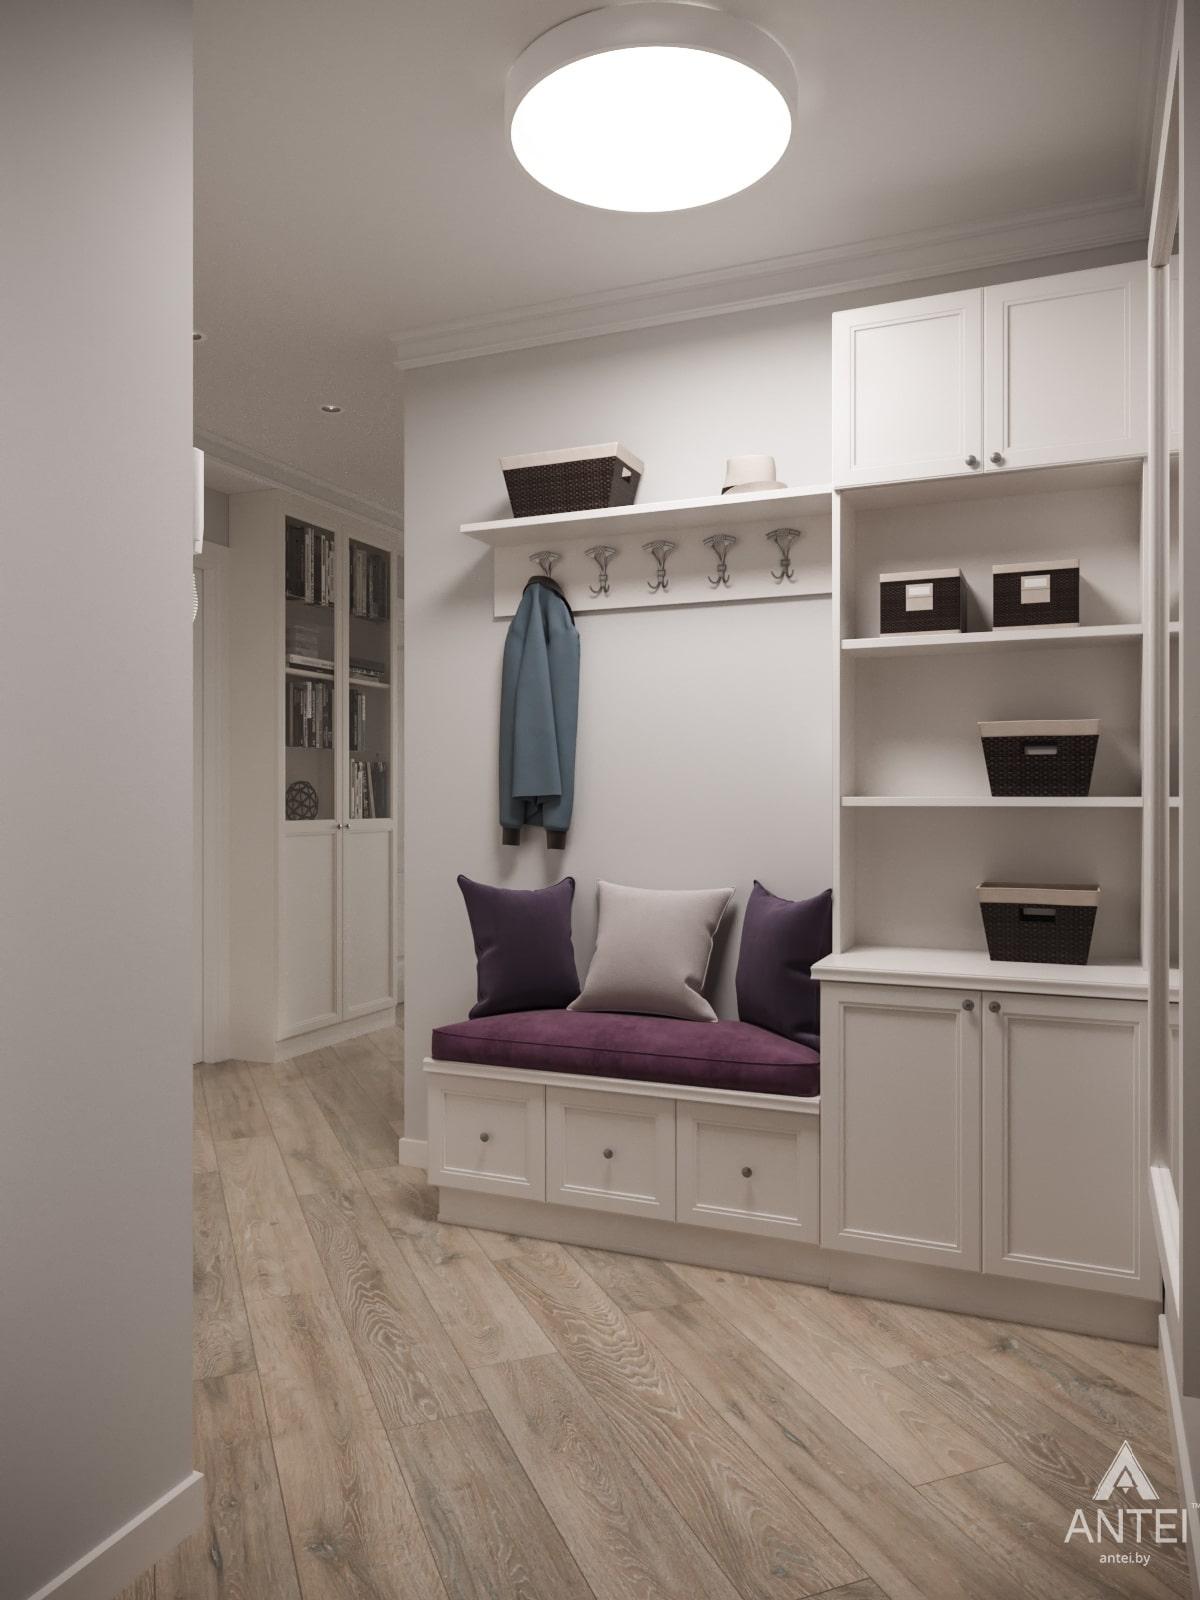 Дизайн интерьера трехкомнатной квартиры в Гомеле, ул. Бородина Т.С. - прихожая фото №2